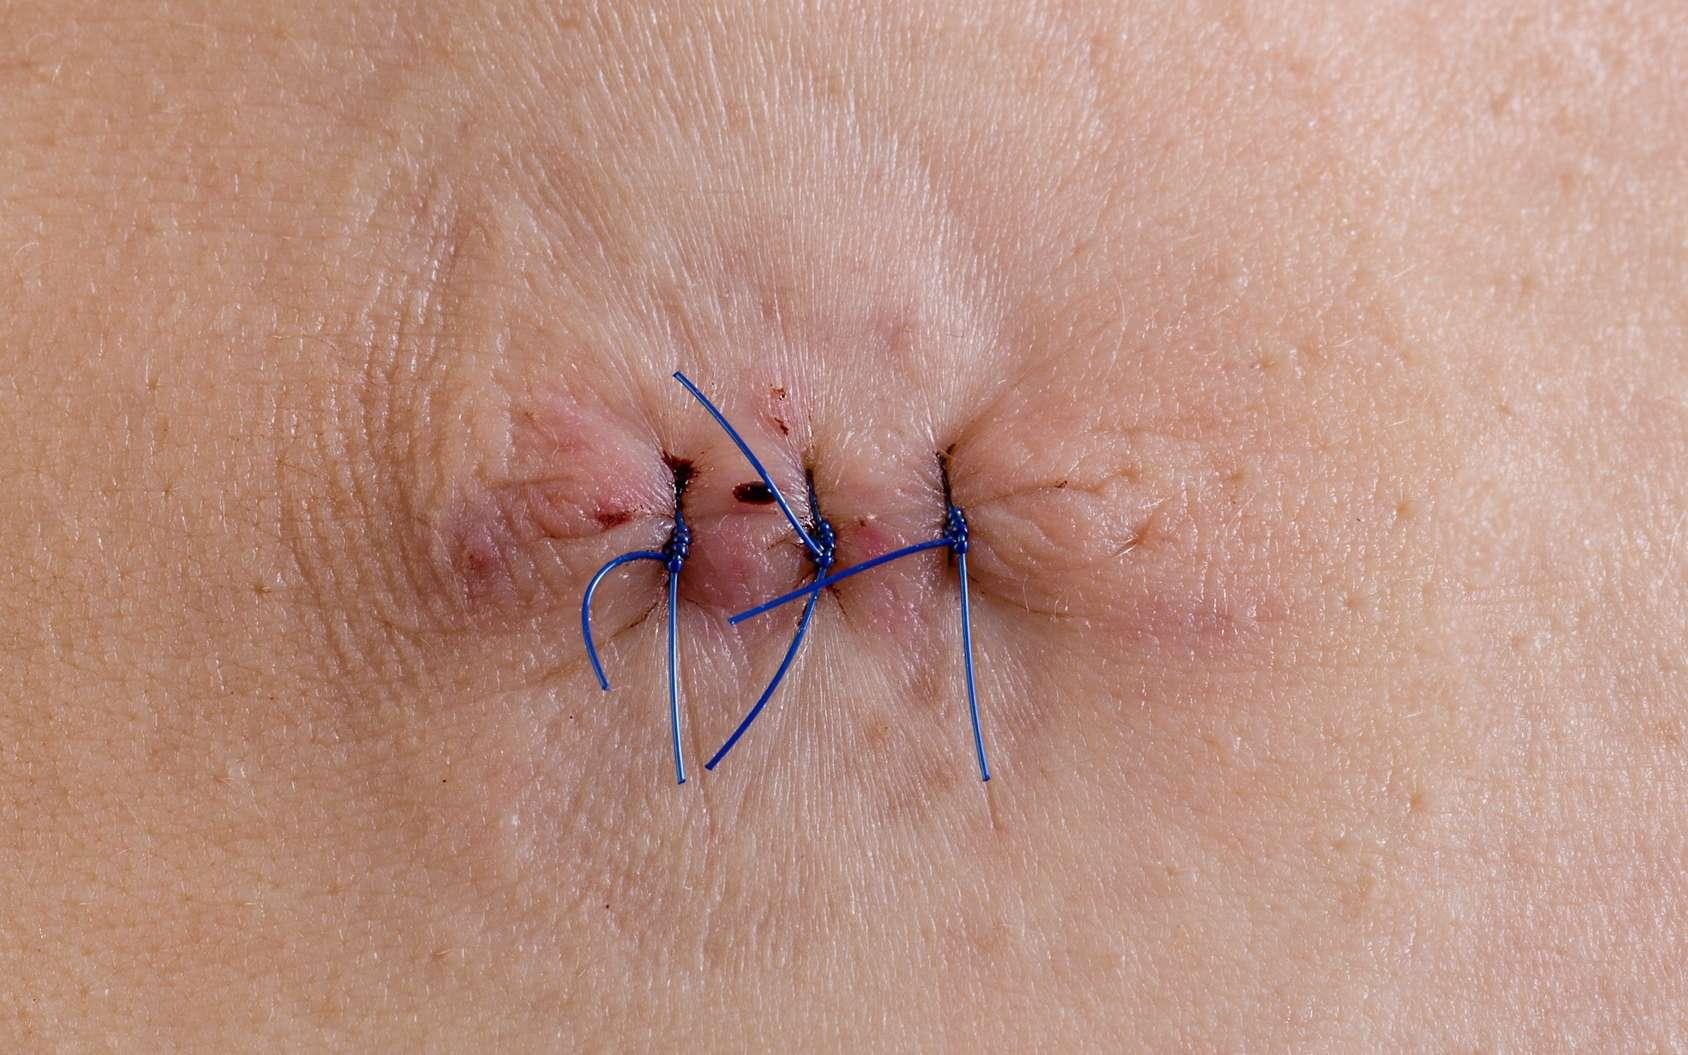 De nos jours, les points de suture sont utilisés pour réparer une blessure profonde. Des chercheurs proposent des alternatives, mais les points de suture seront toujours parfois nécessaires. © bmf-foto.de, Fotolia